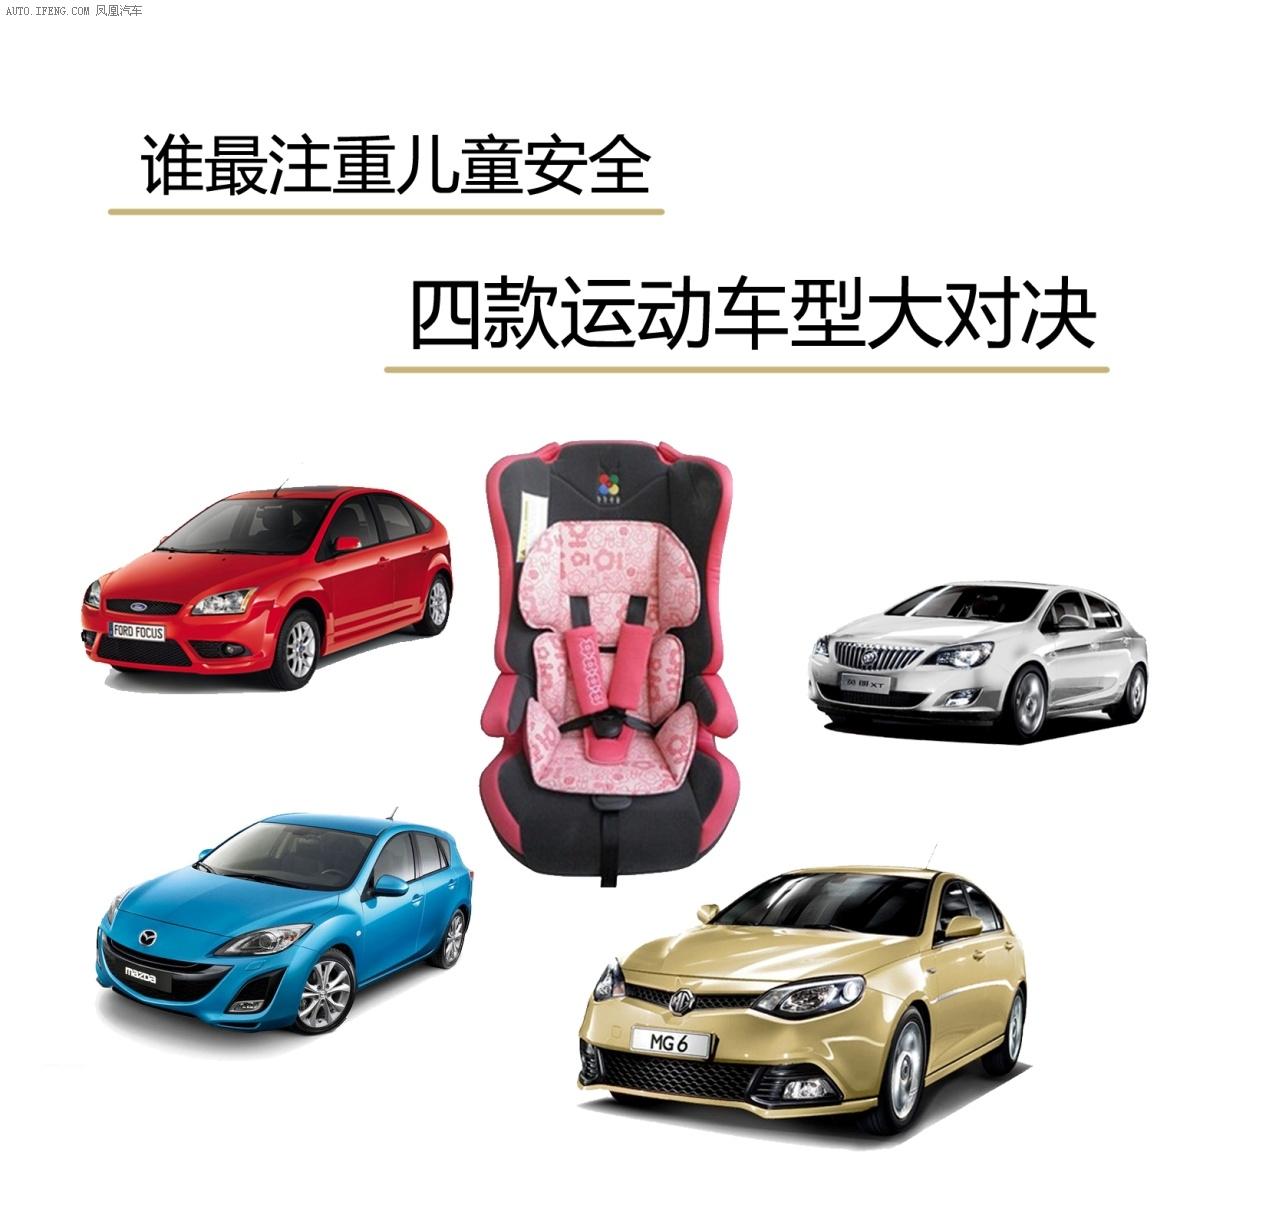 4款安全运动车型对决